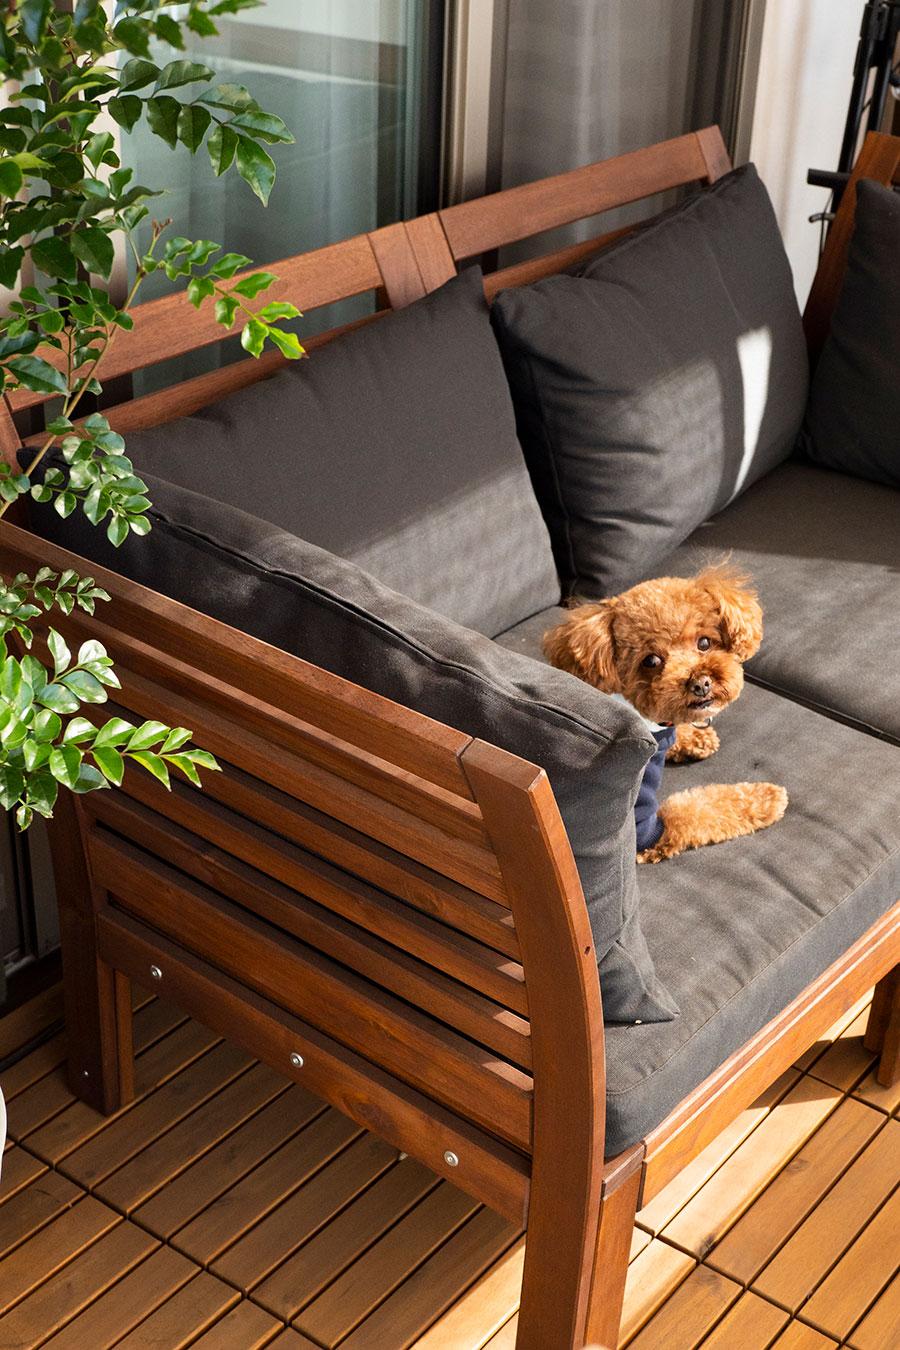 愛犬・トイプードルのツンくん。暖かな日向 が大好き。